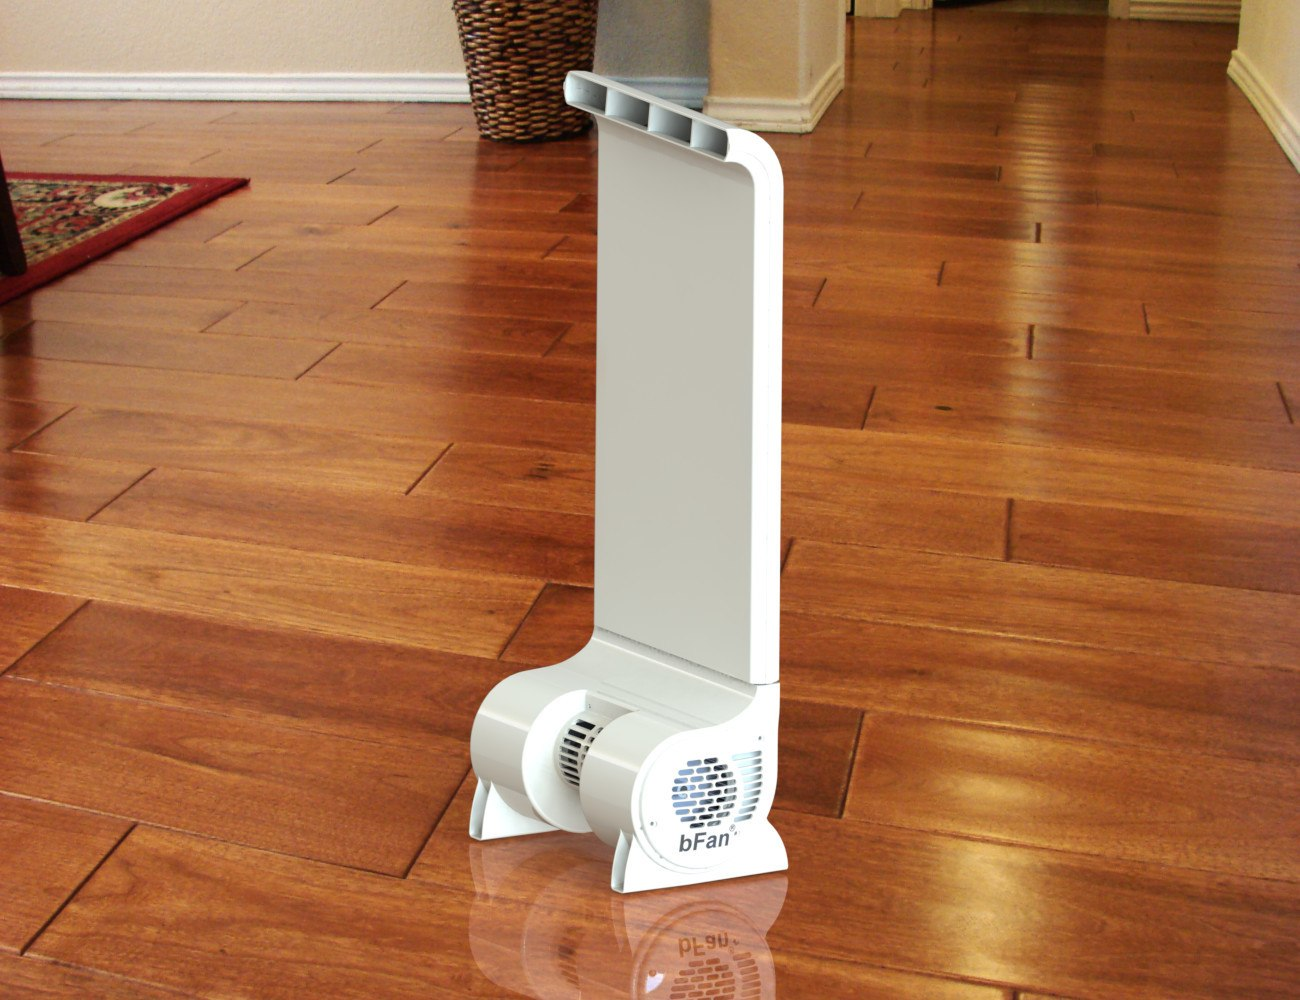 Bfan Air Cooling Bed Fan 187 Gadget Flow